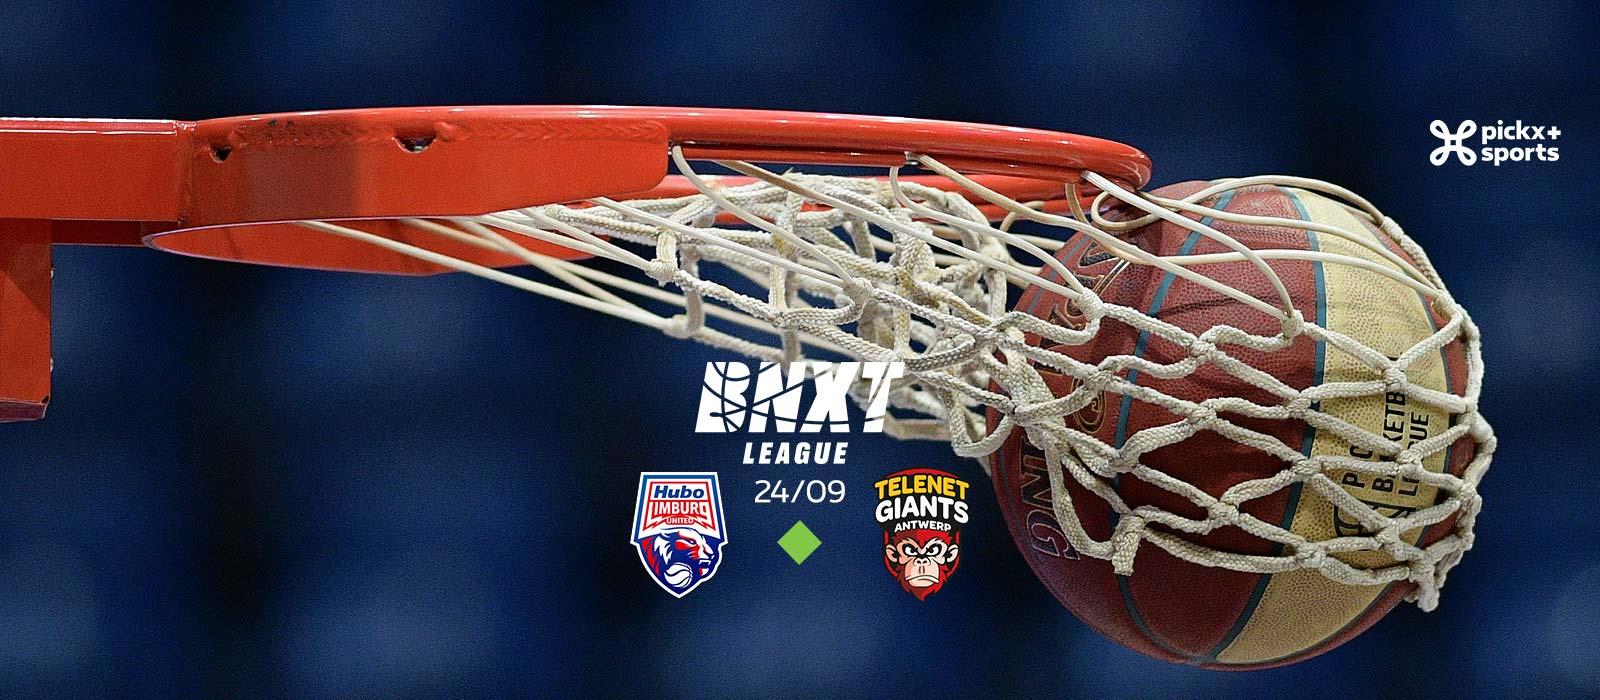 BNXT League